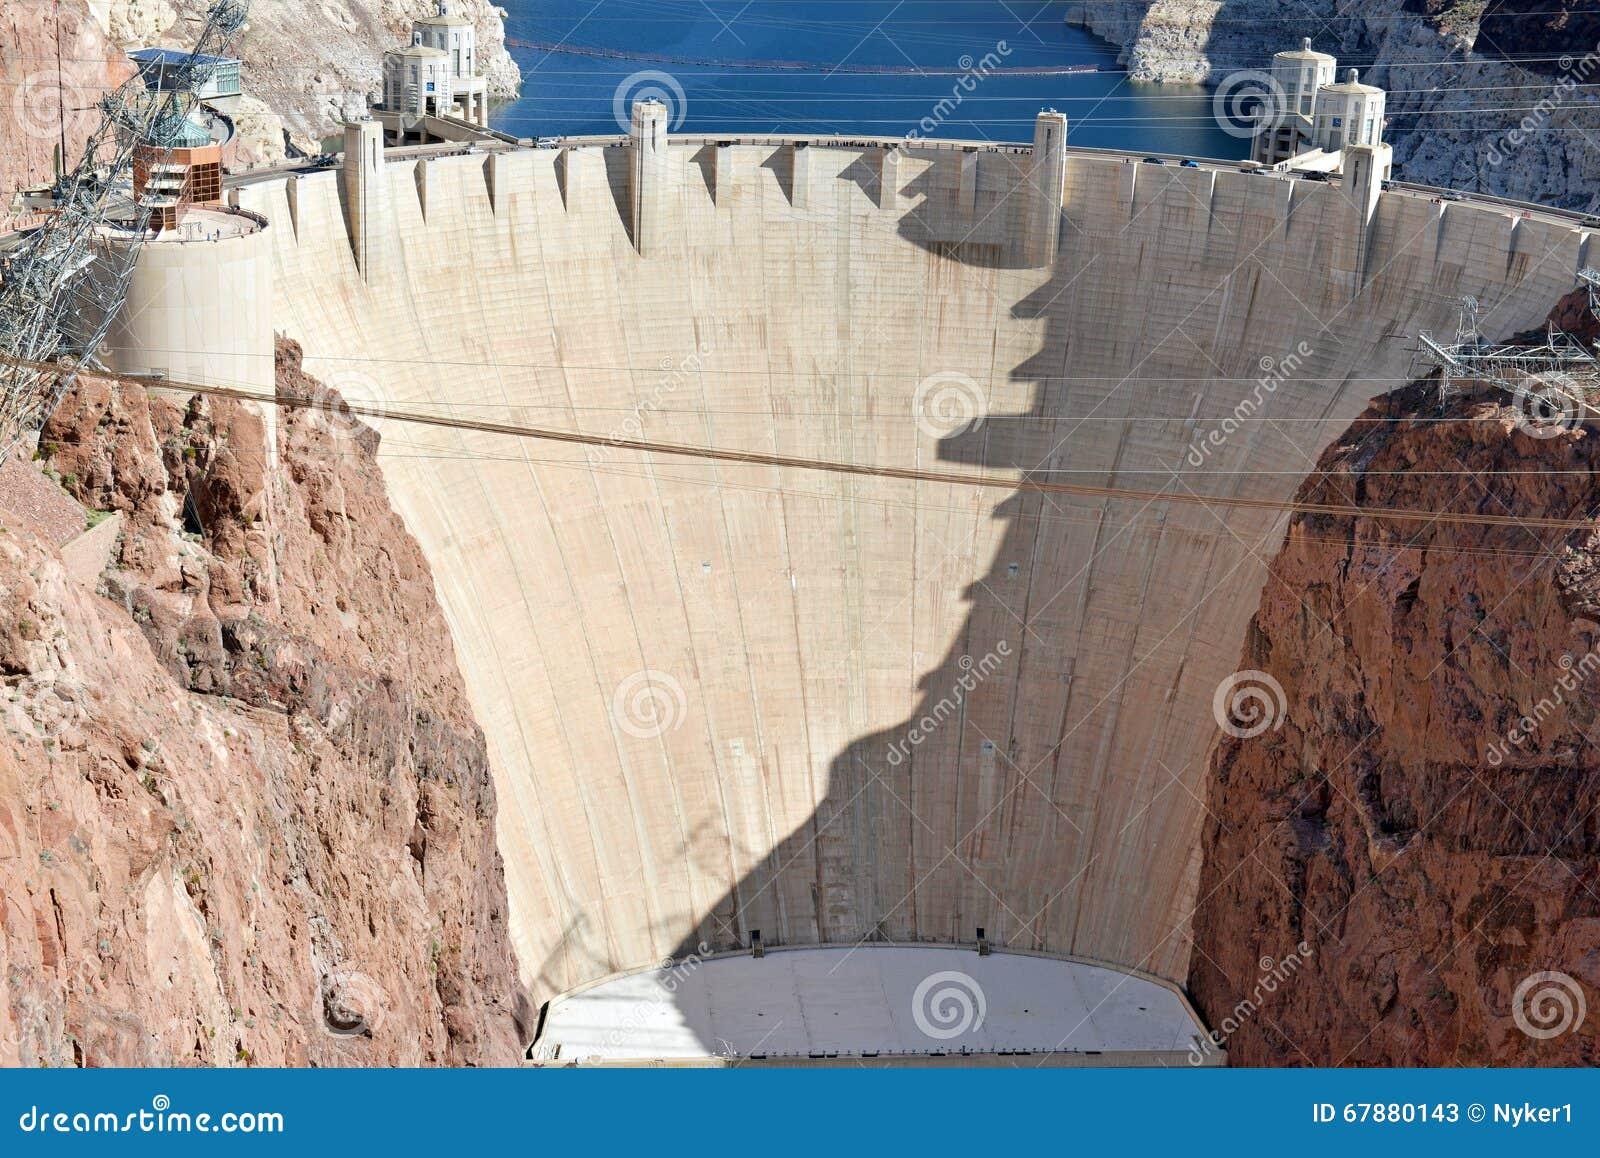 胡佛水坝,位于内华达和亚利桑那边界的一个巨型的水力发电的工程学地标